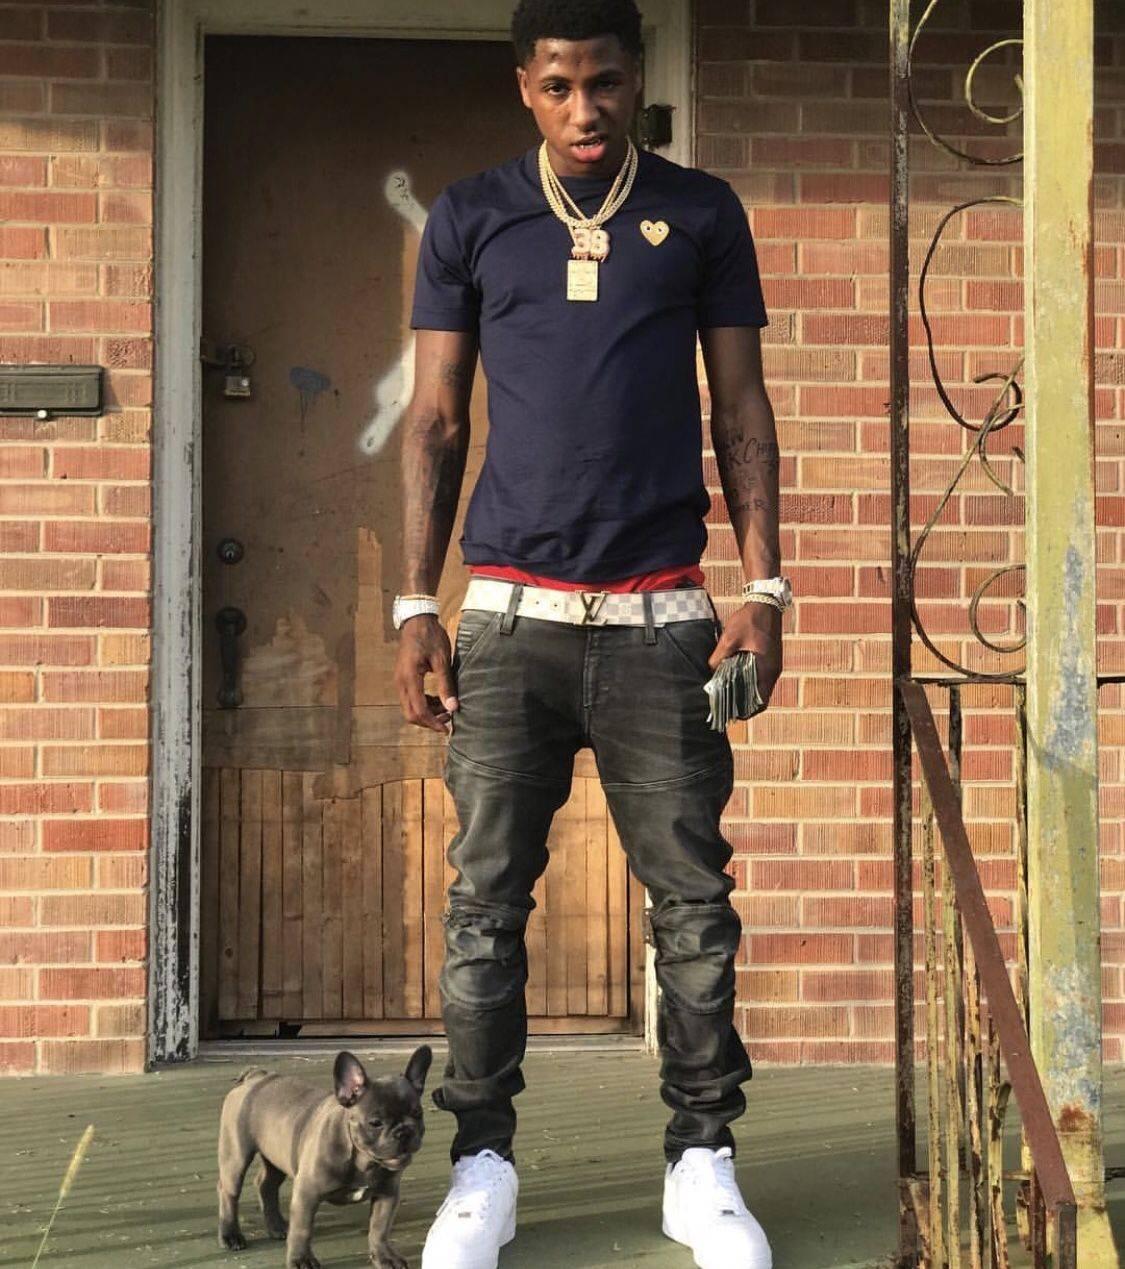 nba youngboy, рэп, музыка, интервью, перевод, криминал, авторский пост